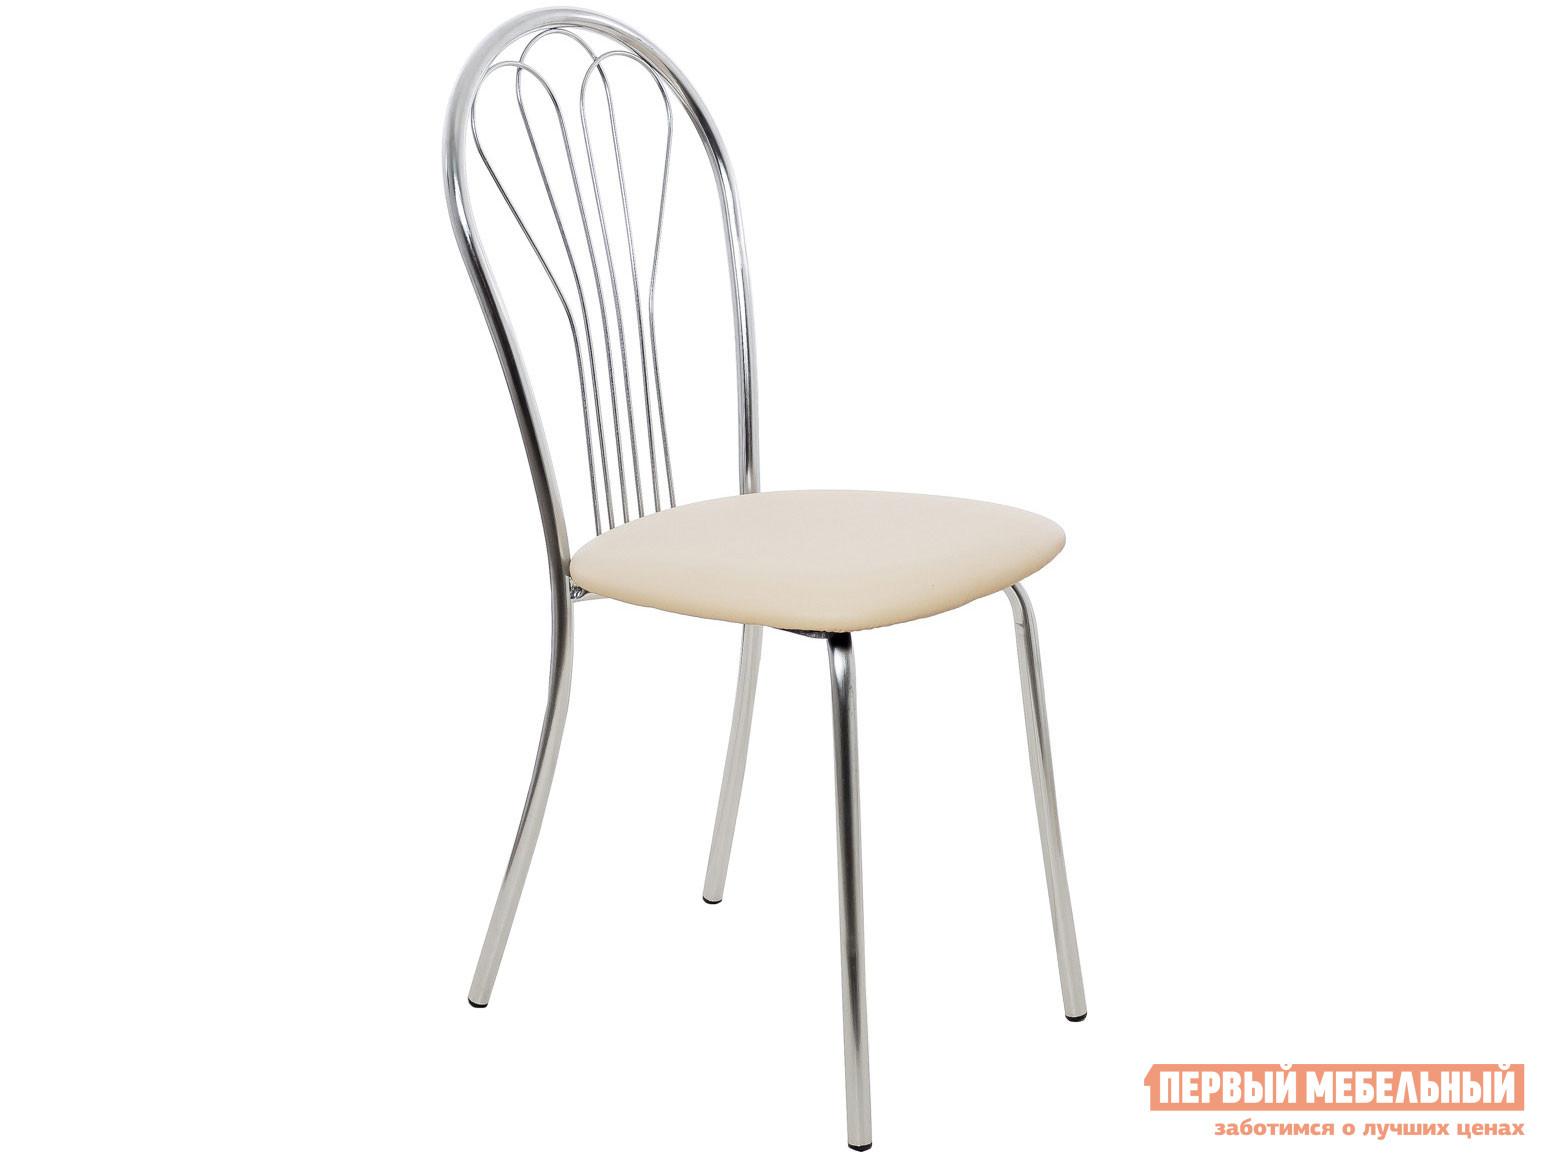 кухонный стул дик стул сибарит 35 11 Кухонный стул ДИК Версаль